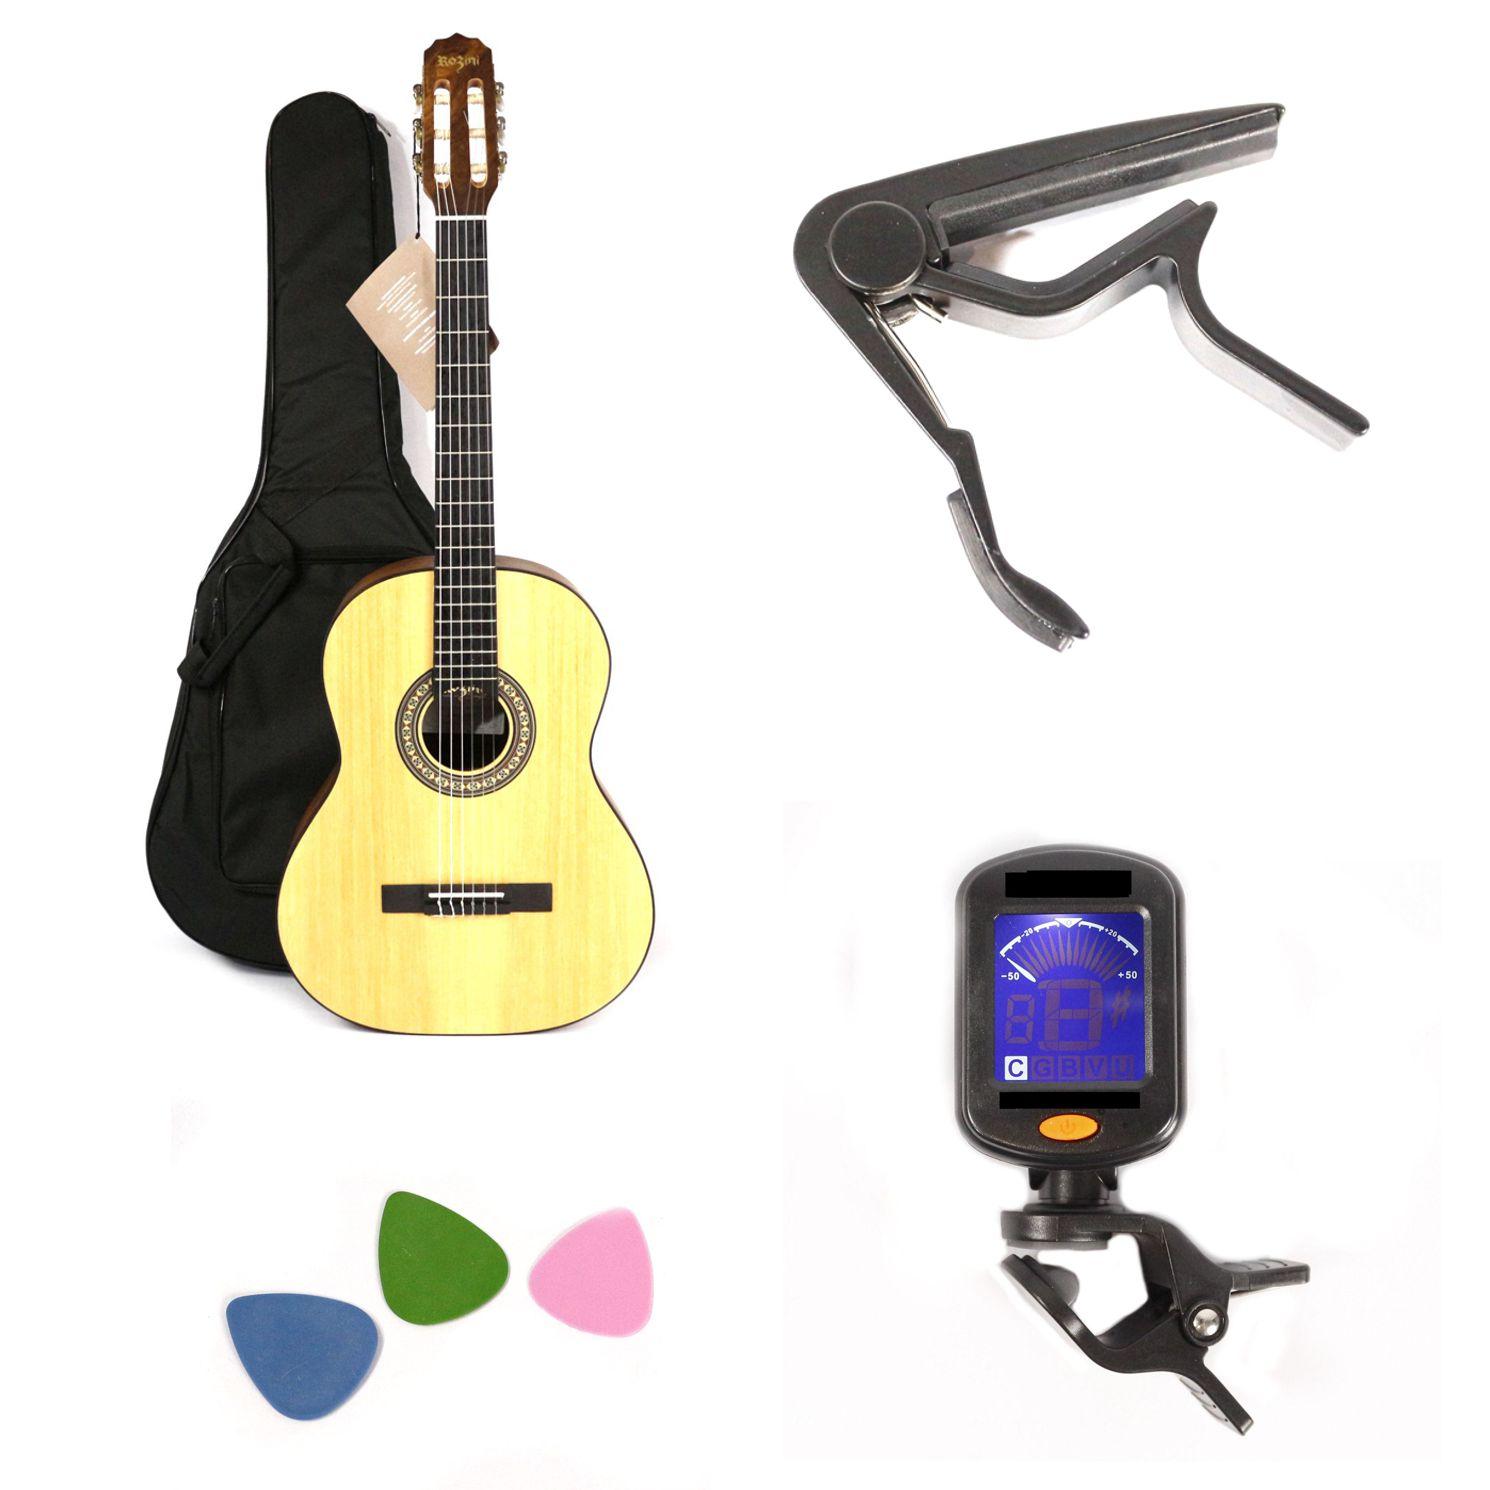 Kit com Violão NYLON Rozini Acústico RX201 Fosco com Capa EXTRA Luxo Afinador Capotraste e Palhetas